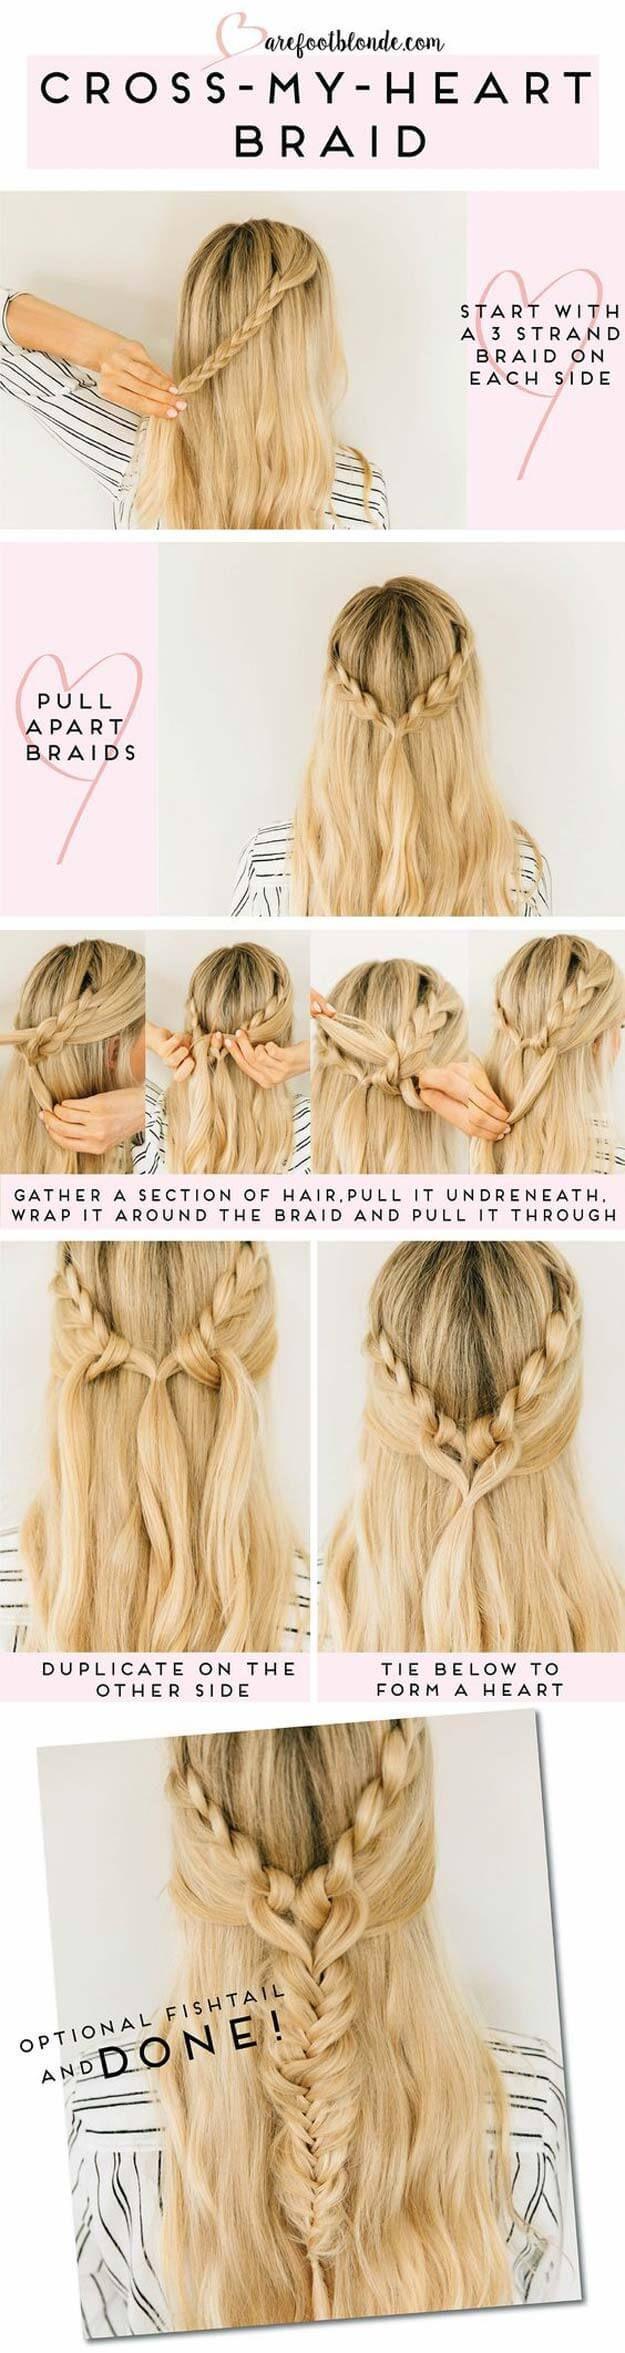 Crisscross heart braids hairstyles pinterest hair styles